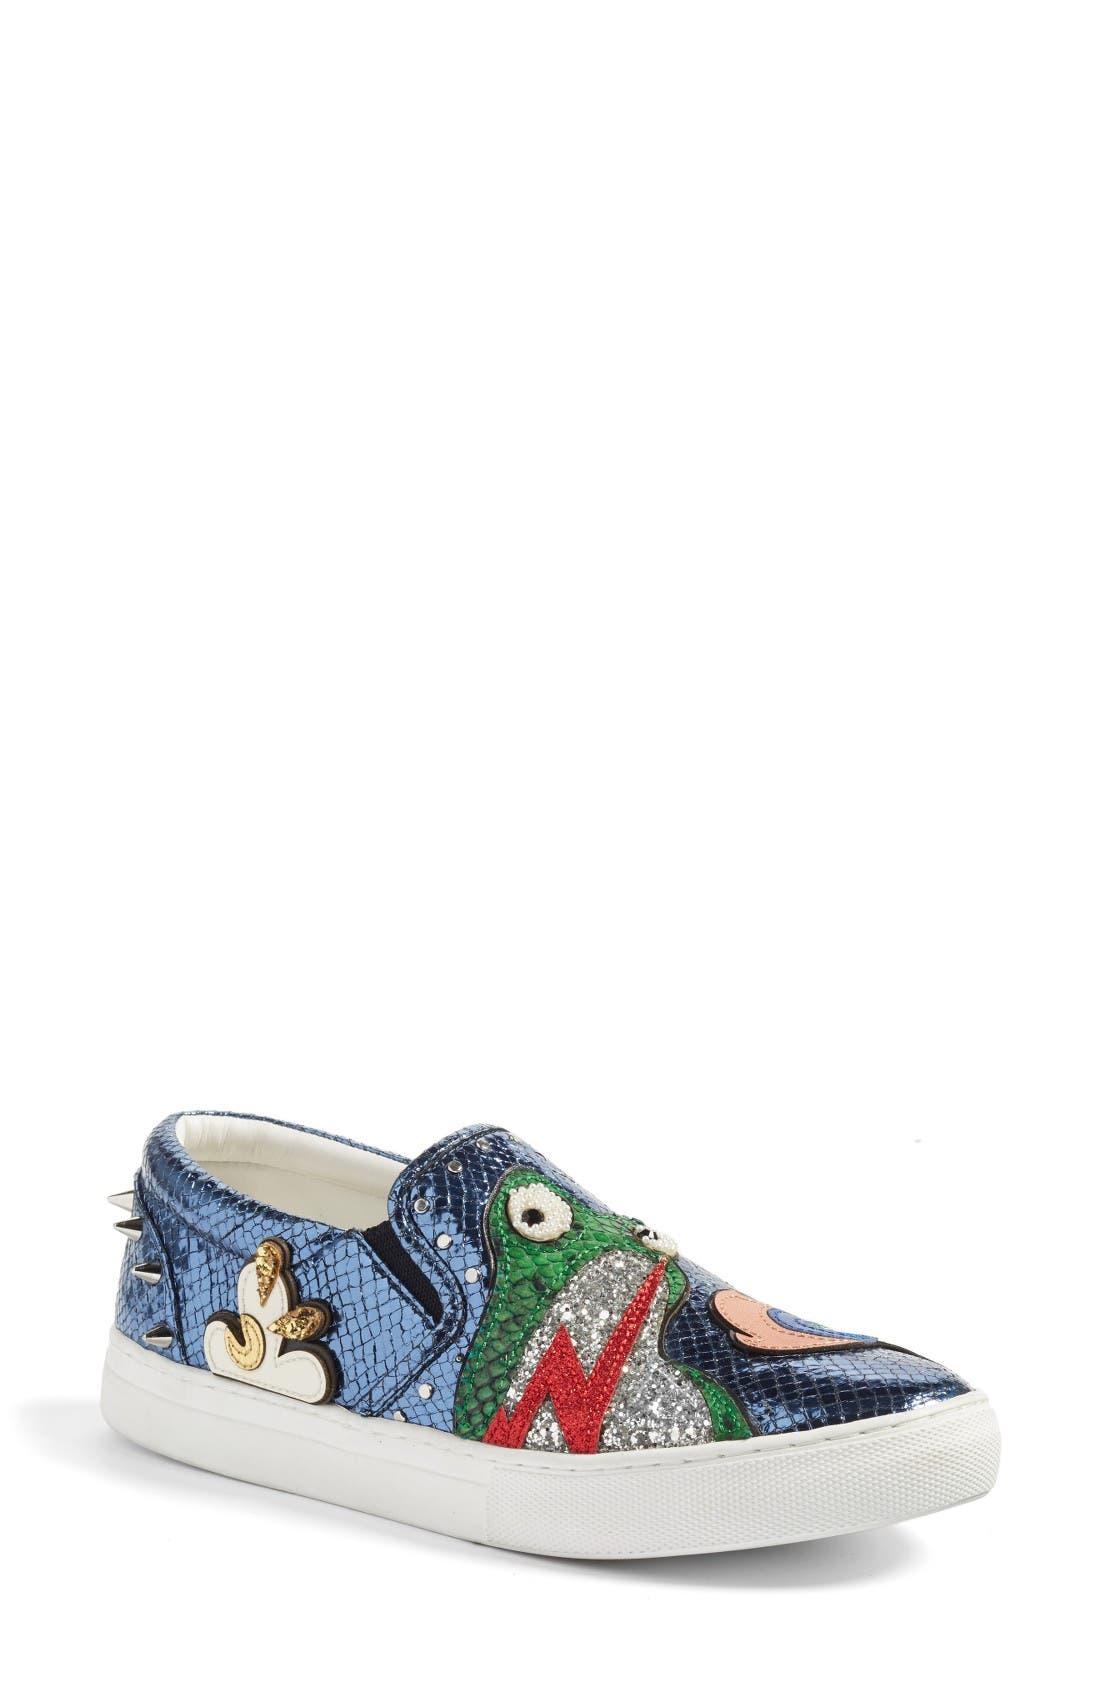 Alternate Image 1 Selected - Marc Jacobs Mercer Embellished Slip-On Sneaker (Women)